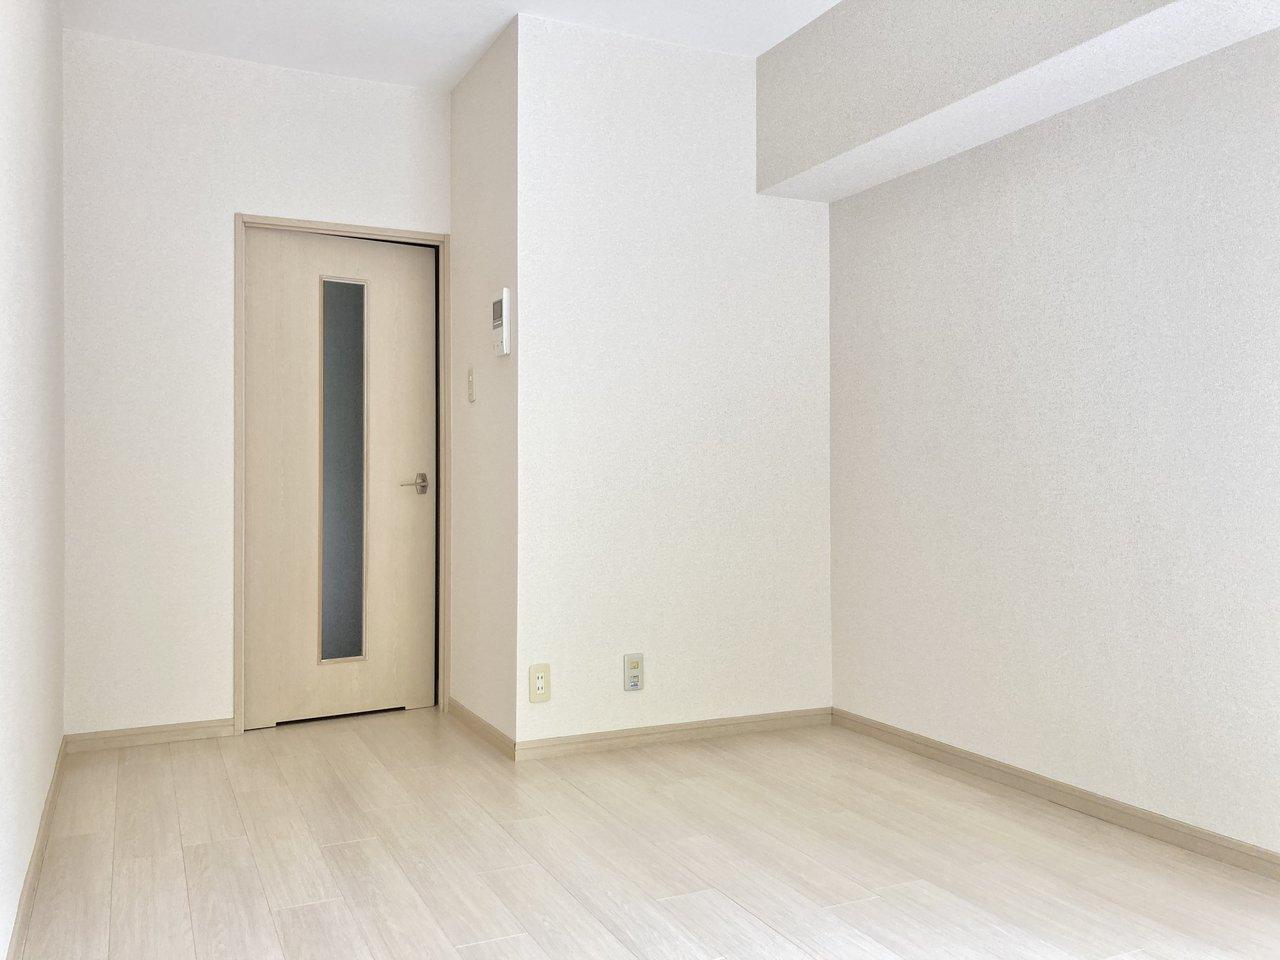 室内はとてもシンプルな内装ですが、白で統一されていて明るいのがいいですね。南東向きで、光もよく入ります。